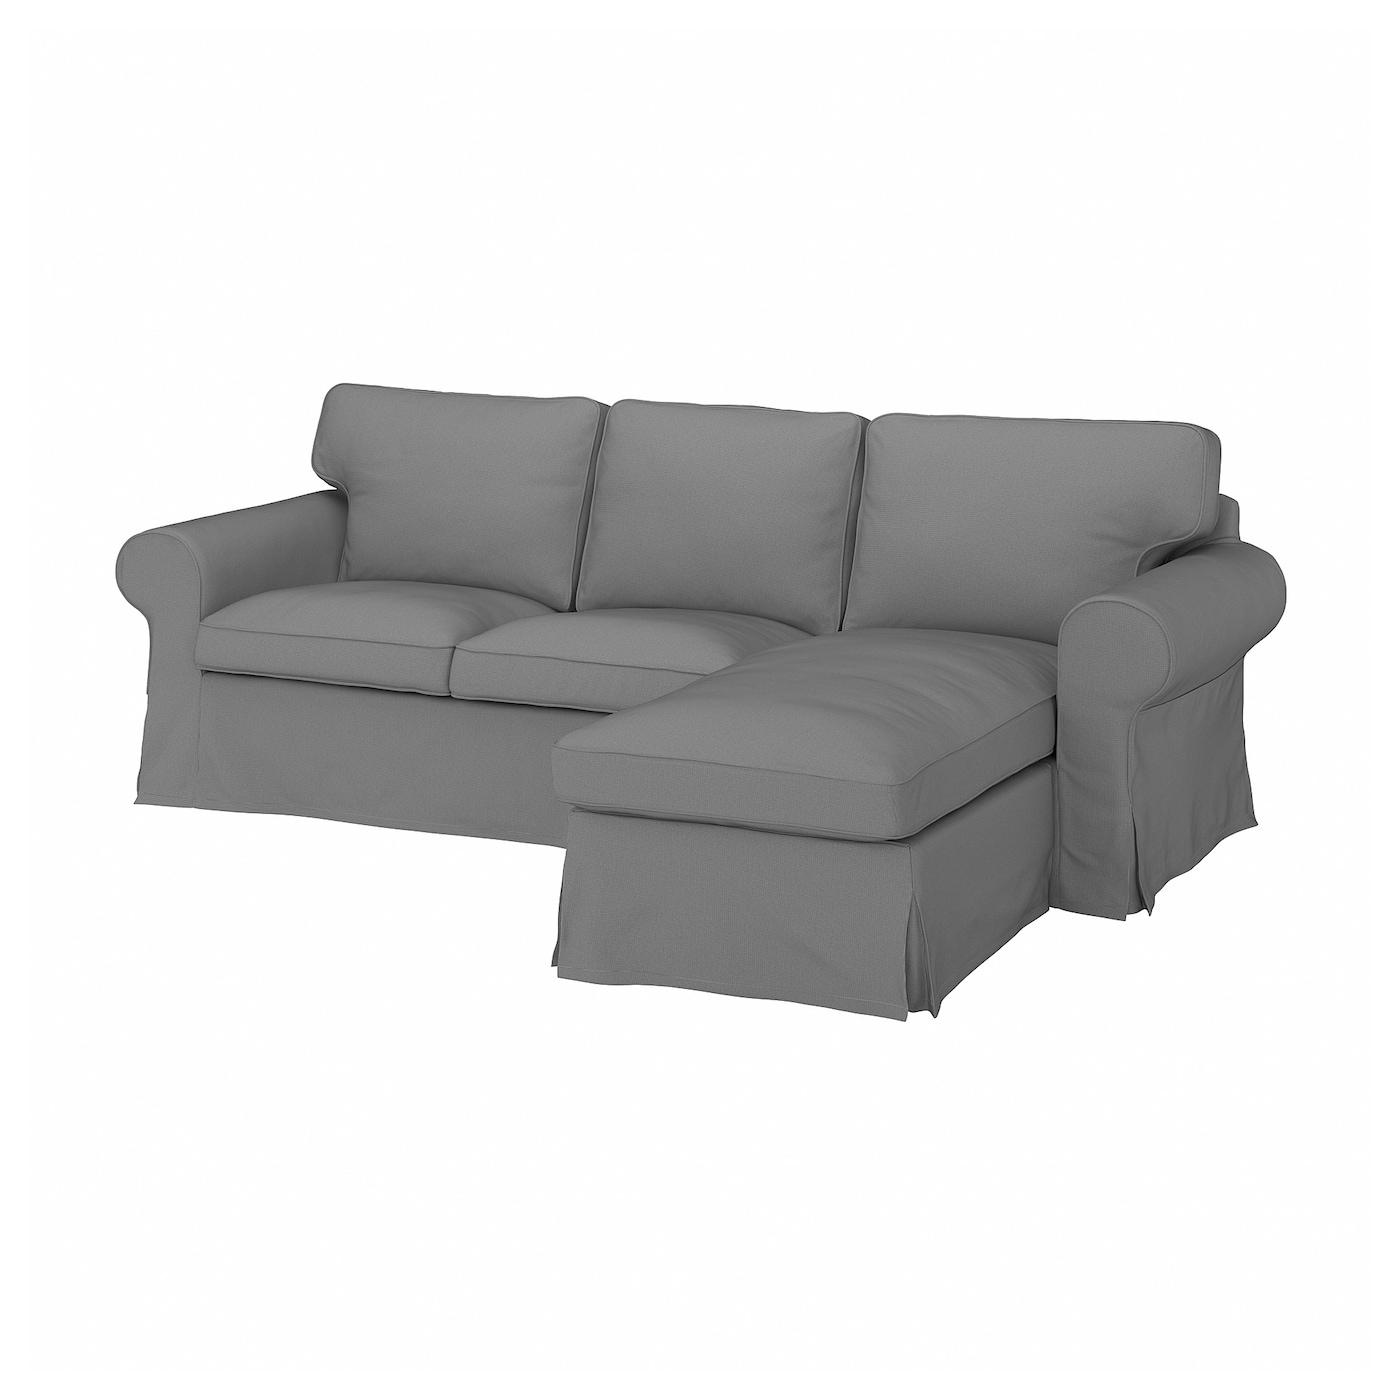 BellaHills Housse de rangement rectangulaire pliable en tissu extensible pour salon Taille M gris Polyester